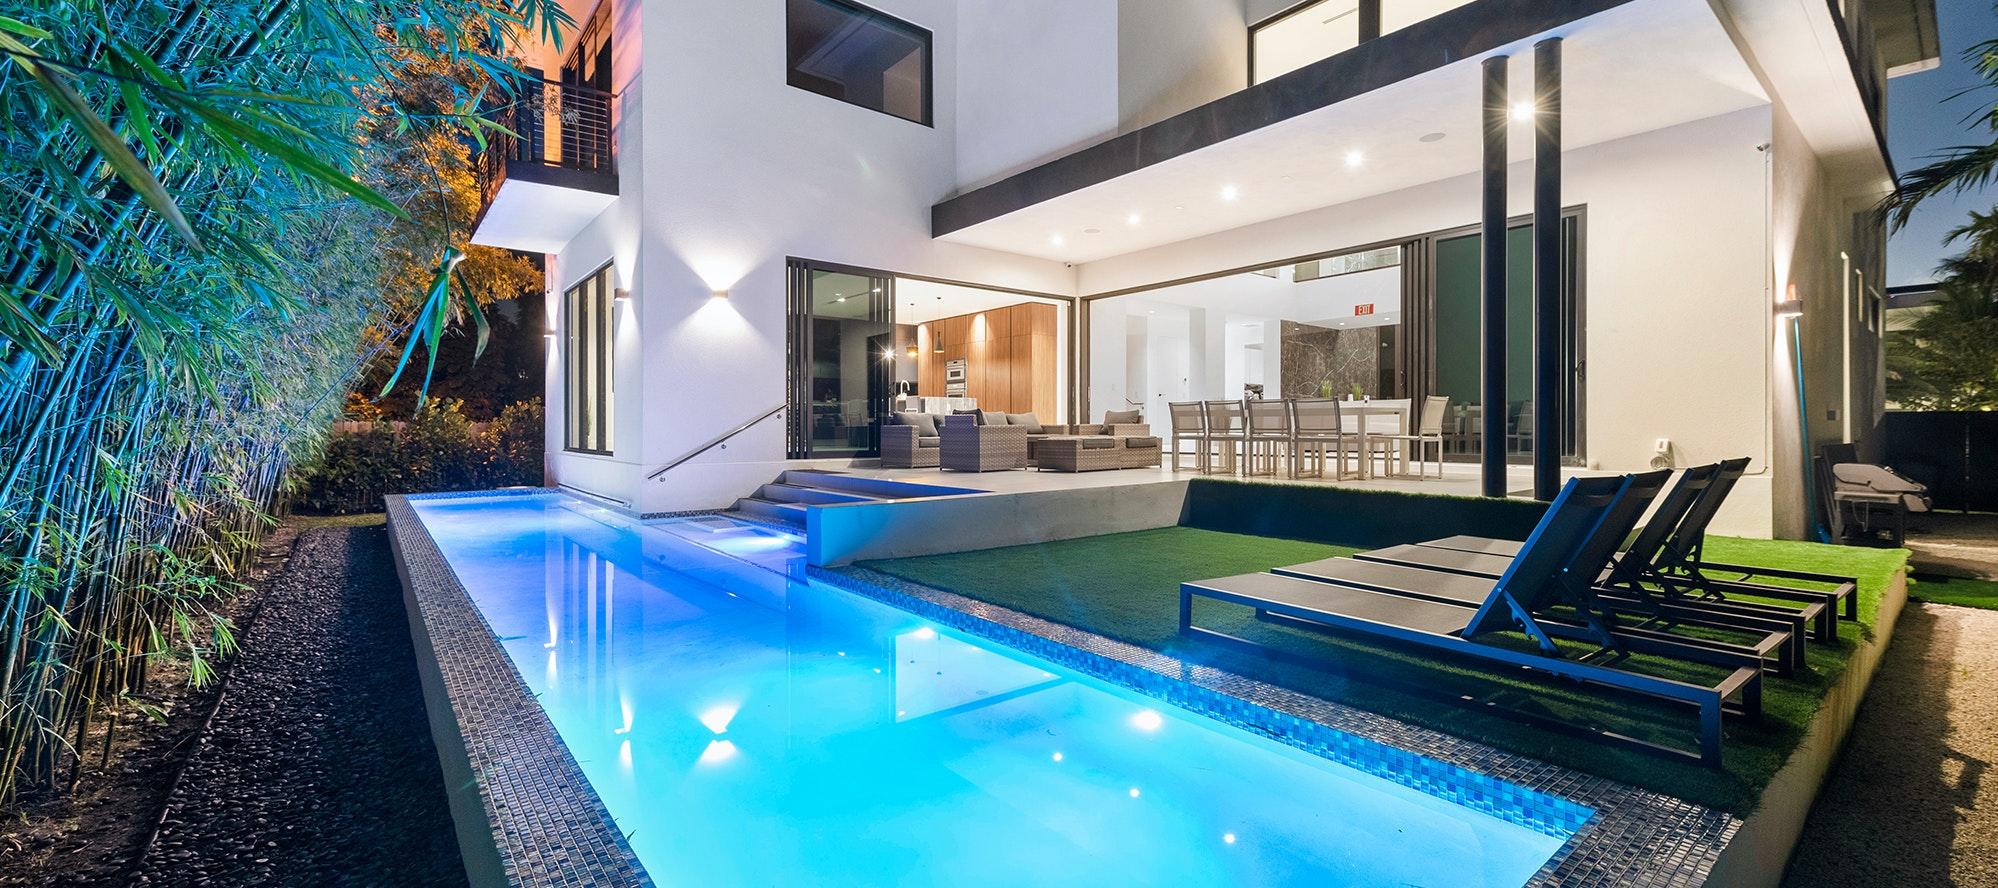 Villa Nautica luxury rental in North Bay Village